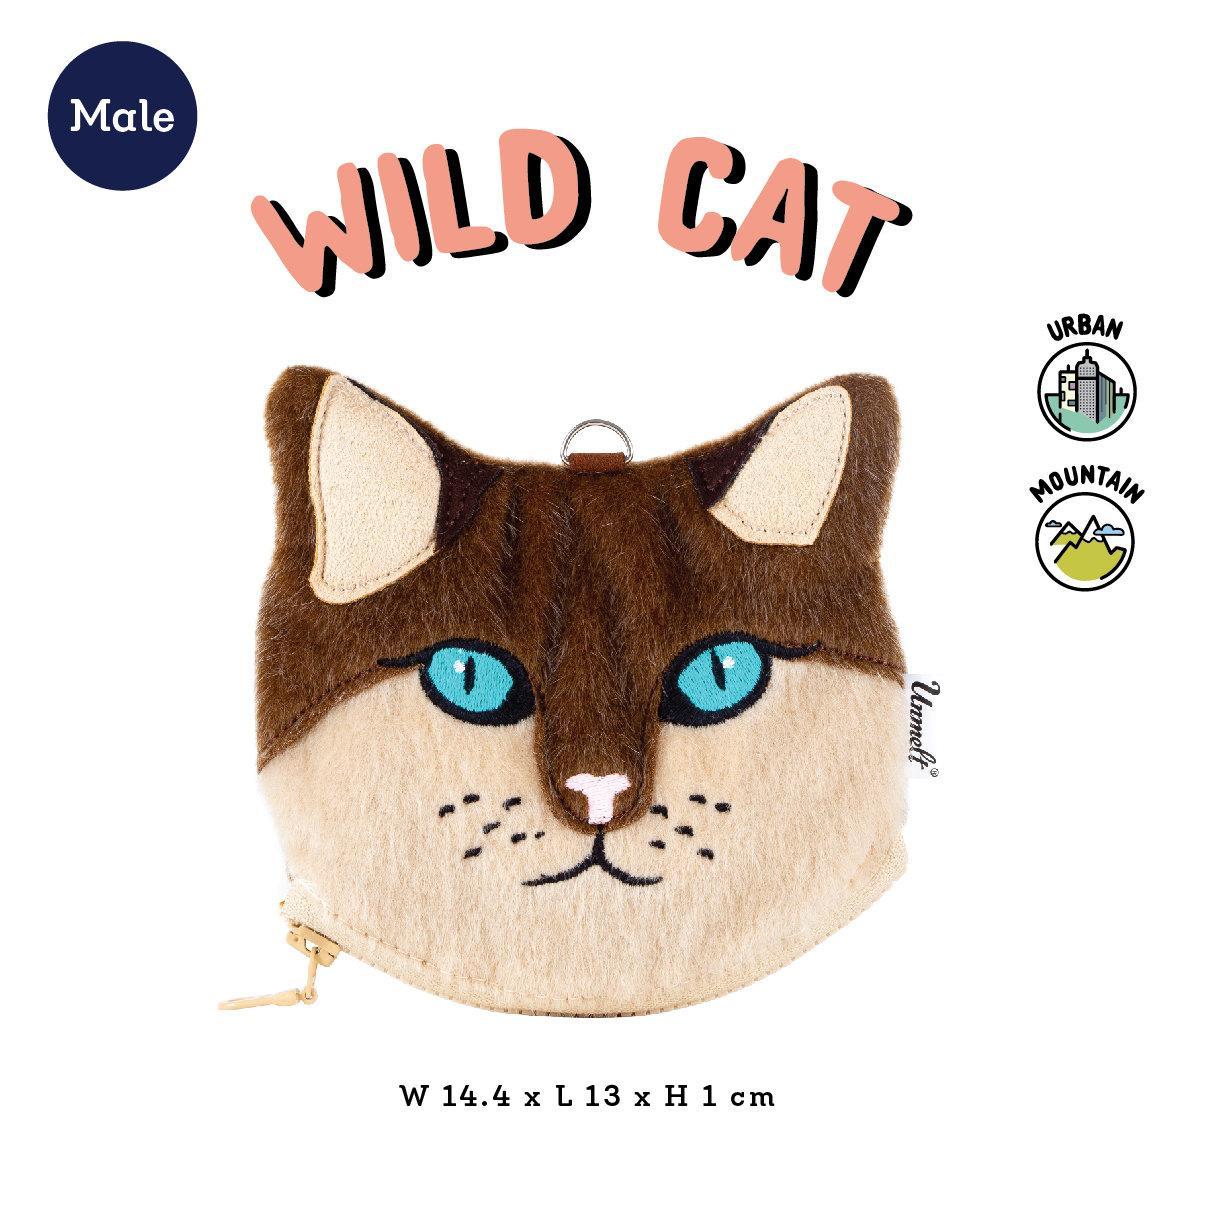 Wildkeeper Wild Cat Male กระเป๋ากุญแจแมวป่าตัวผู้